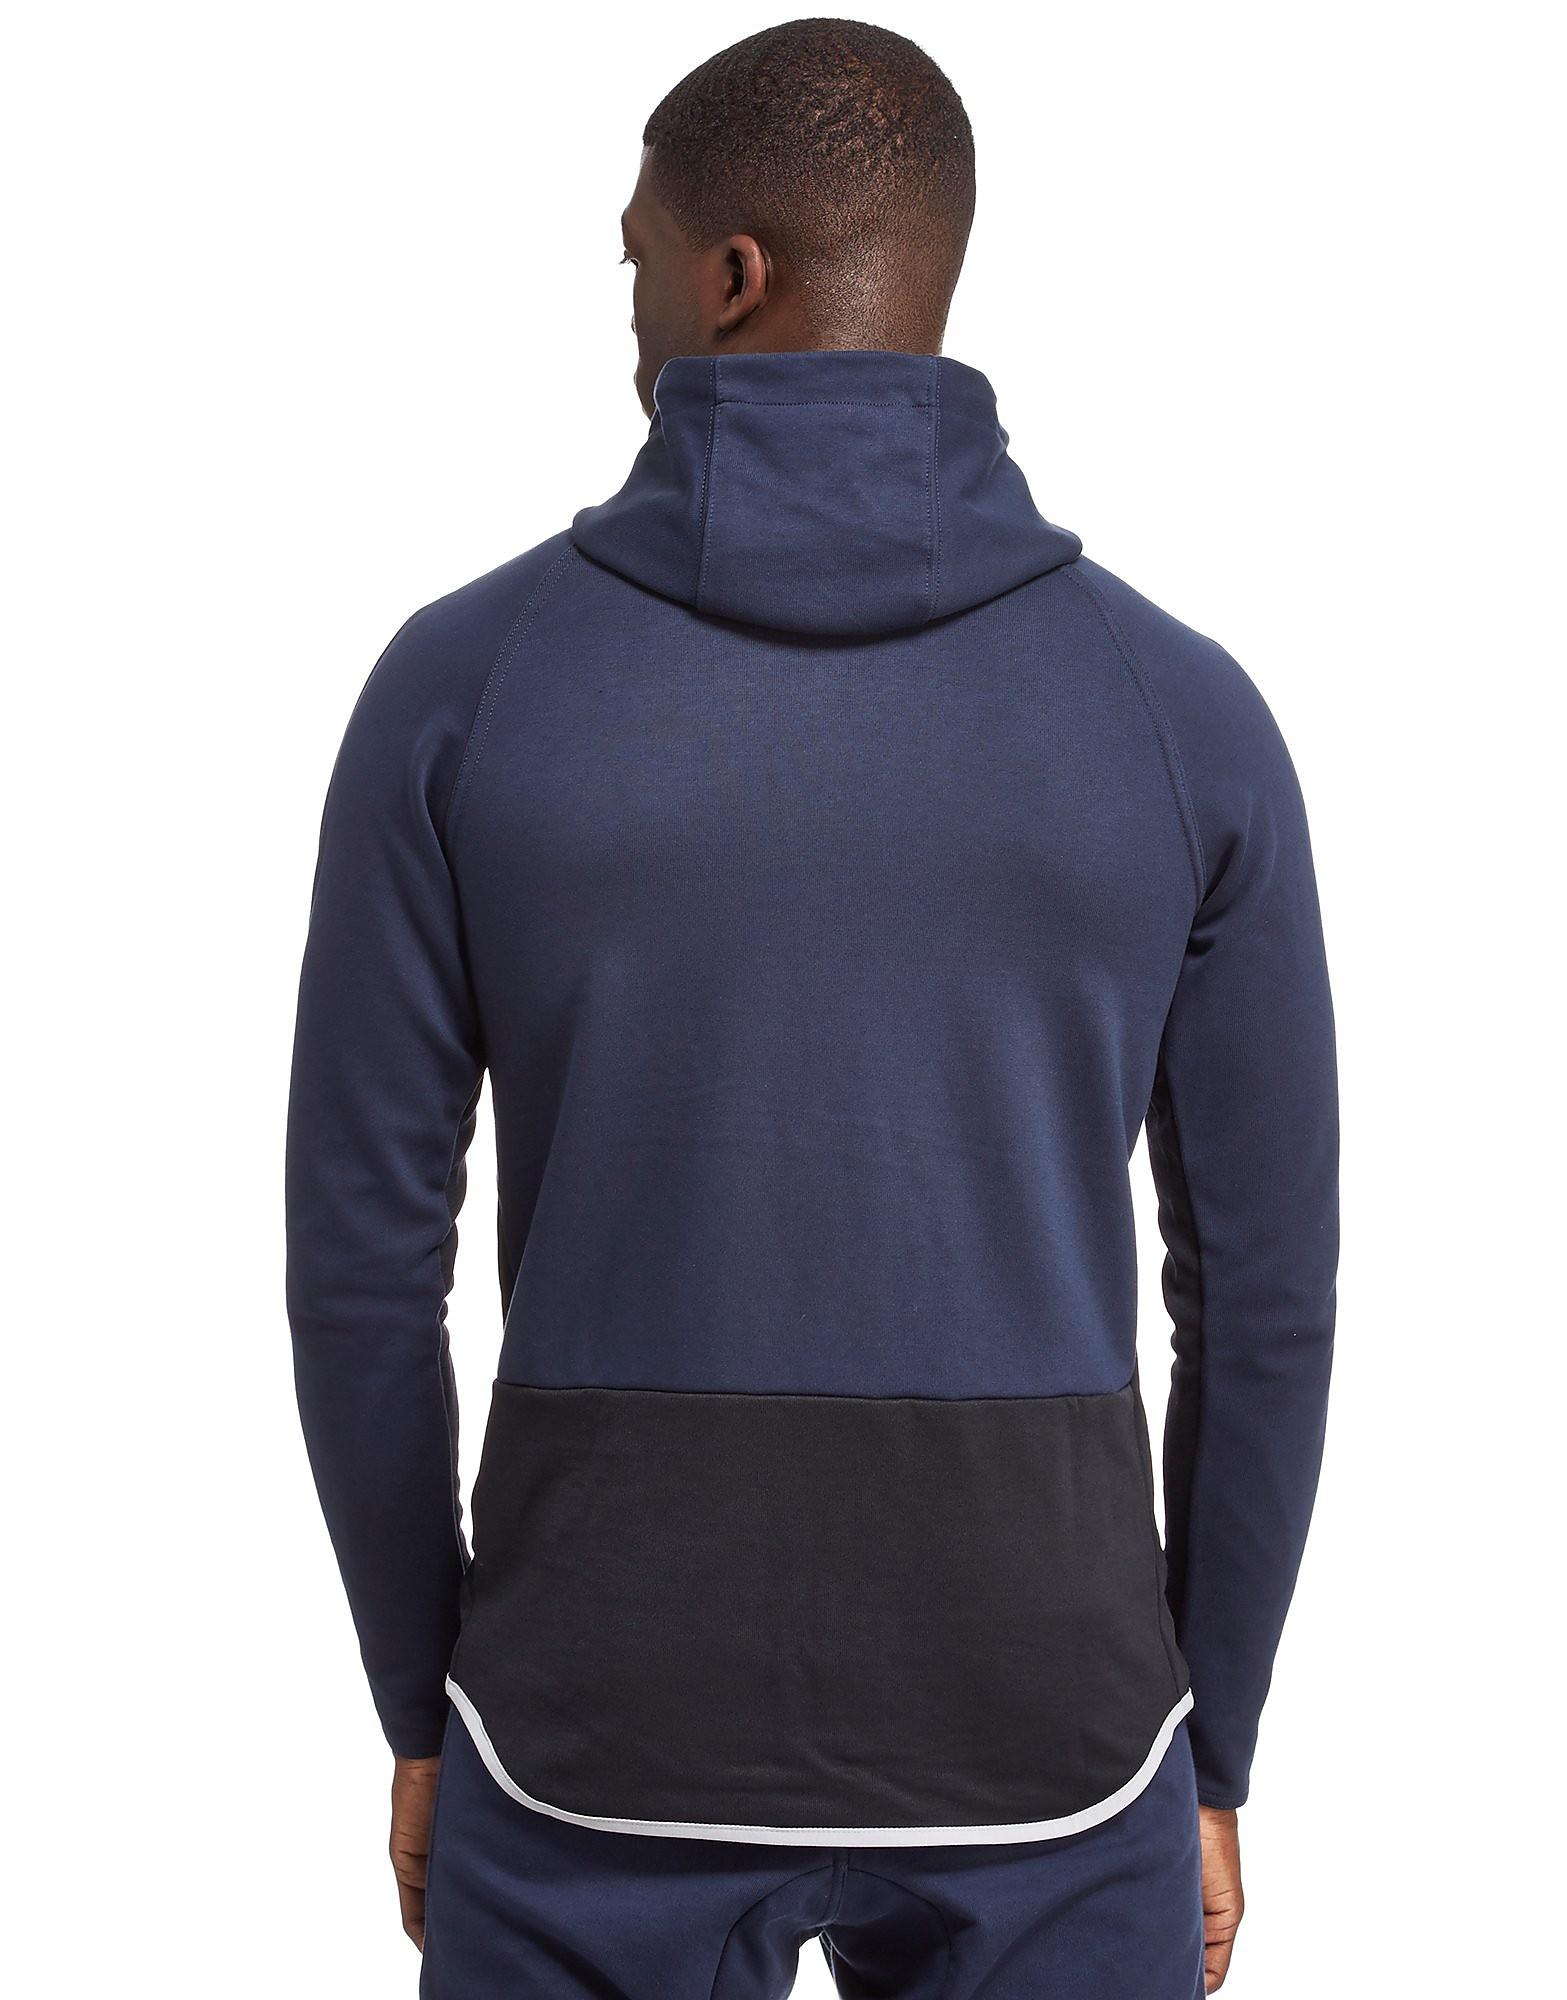 Nike Sweats à capuche Advance en polaire avec zip intégral